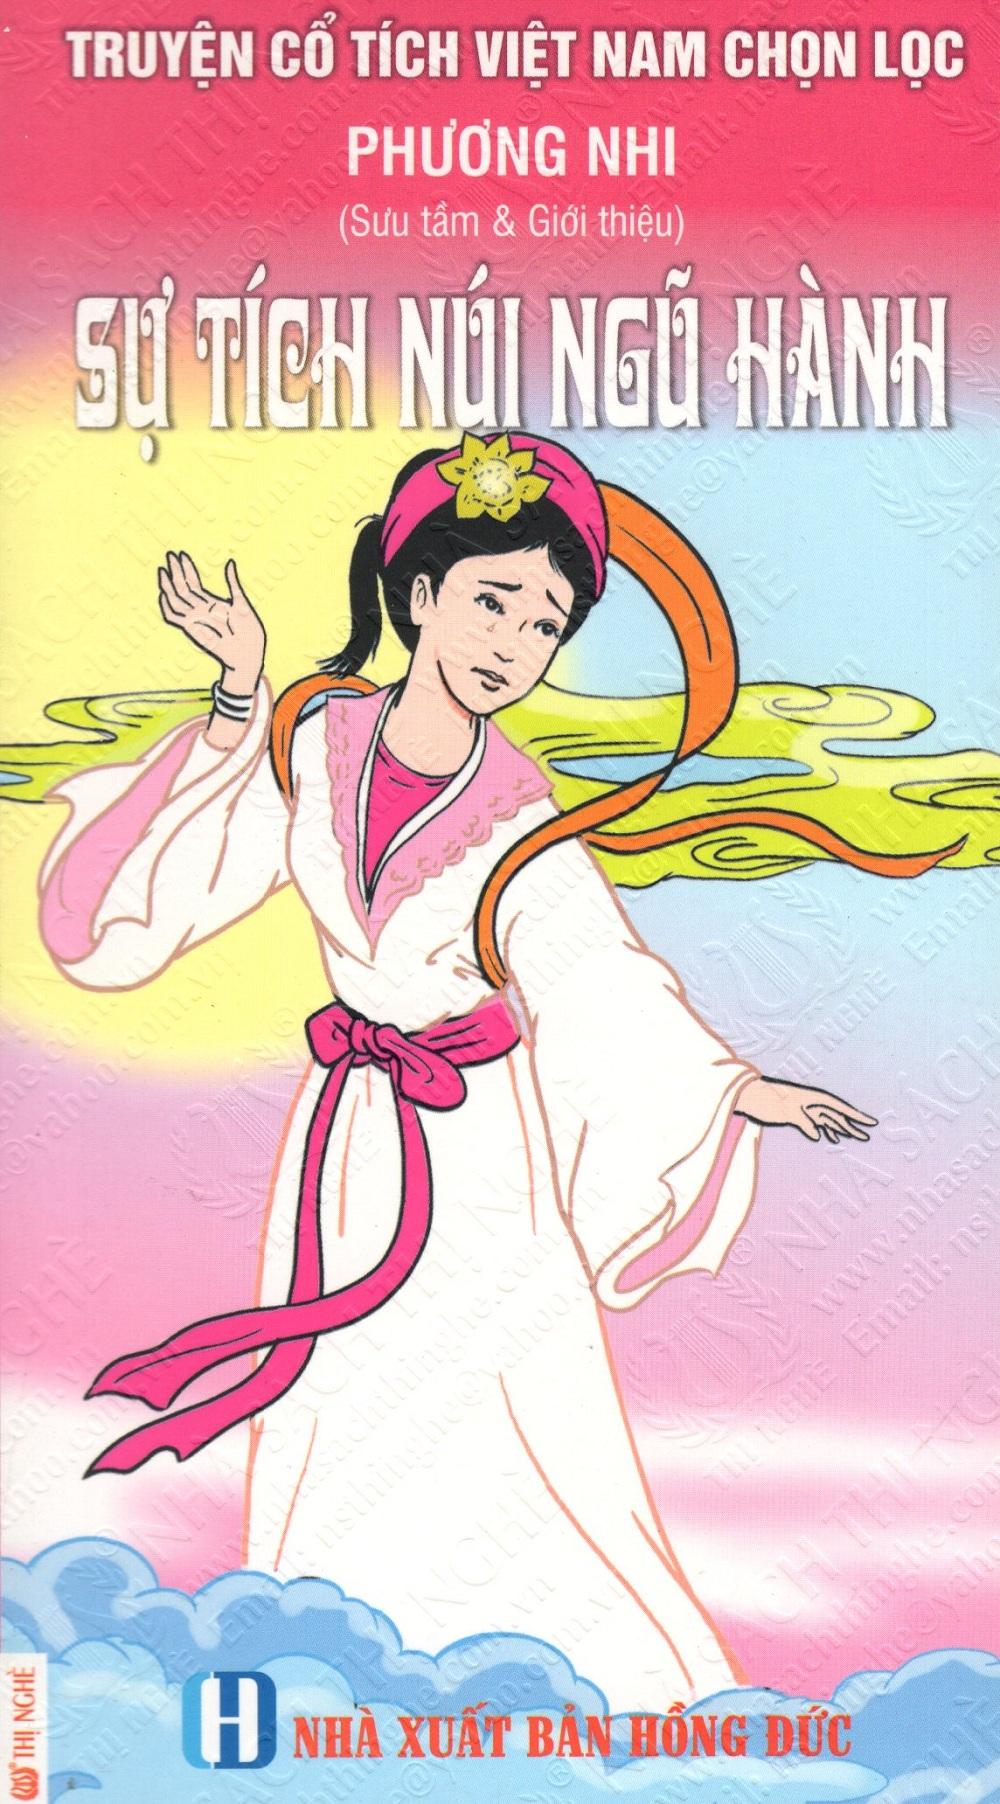 Bìa sách Truyện Cổ Tích Việt Nam Chọn Lọc: Sự Tích Núi Ngũ Hành